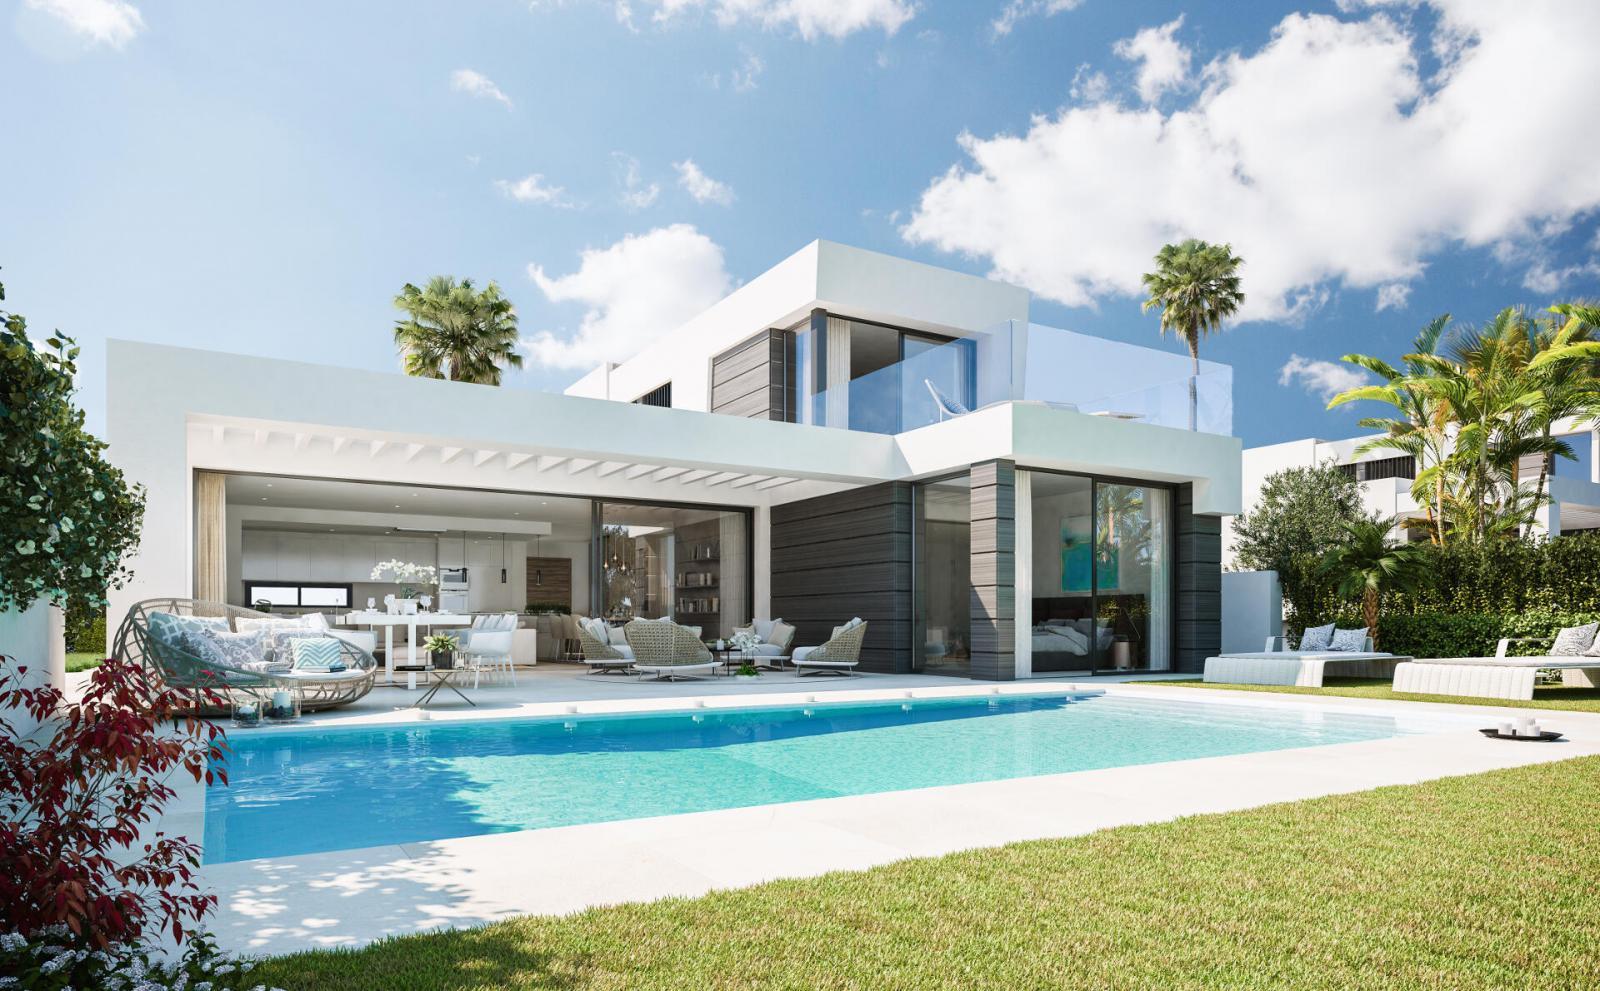 Thiết kế biệt thự 2 tầng có hồ bơi hiện đại